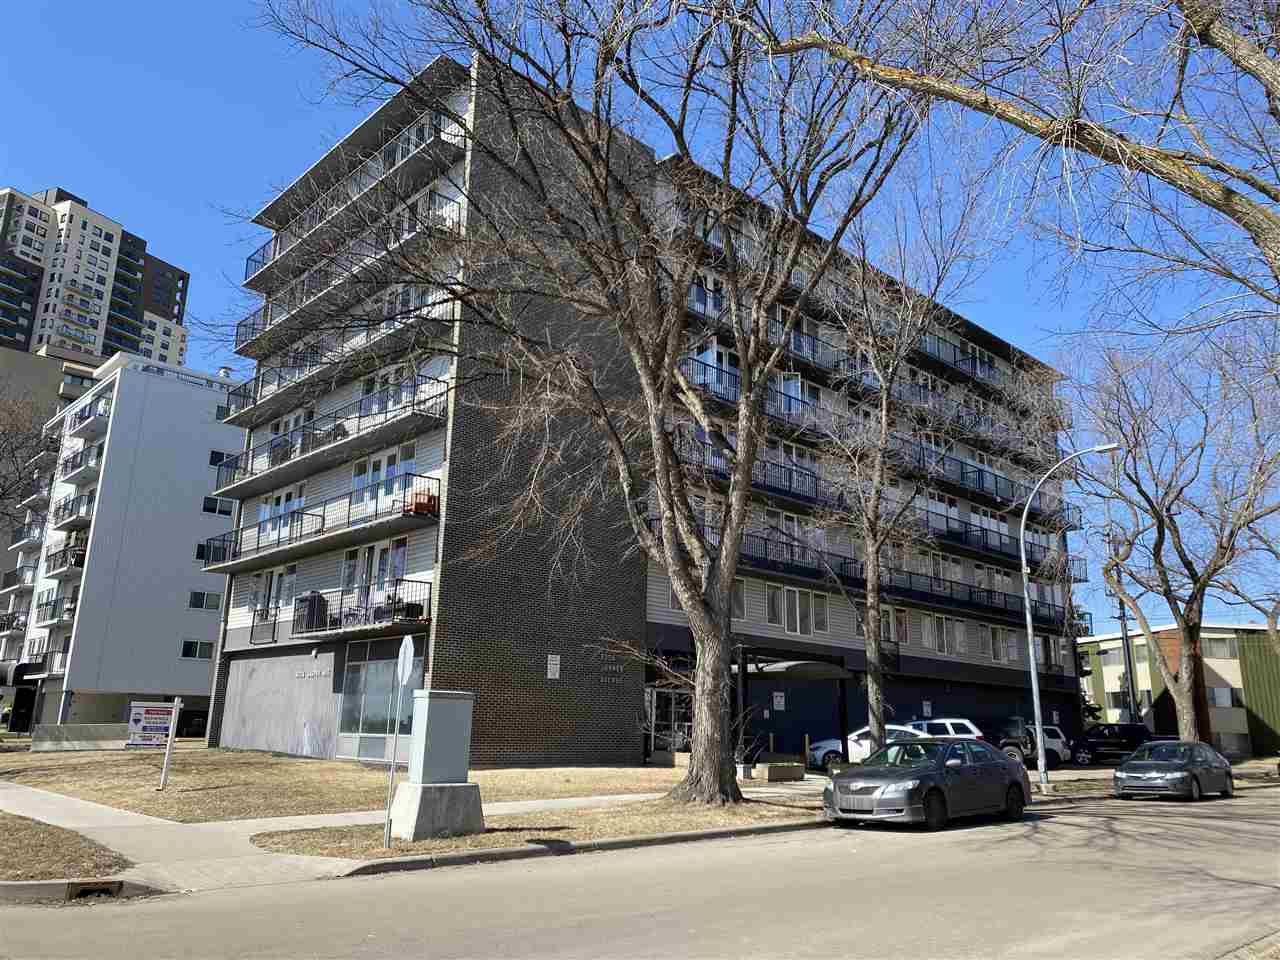 Main Photo: 306 8306 JASPER Avenue in Edmonton: Zone 09 Condo for sale : MLS®# E4188079